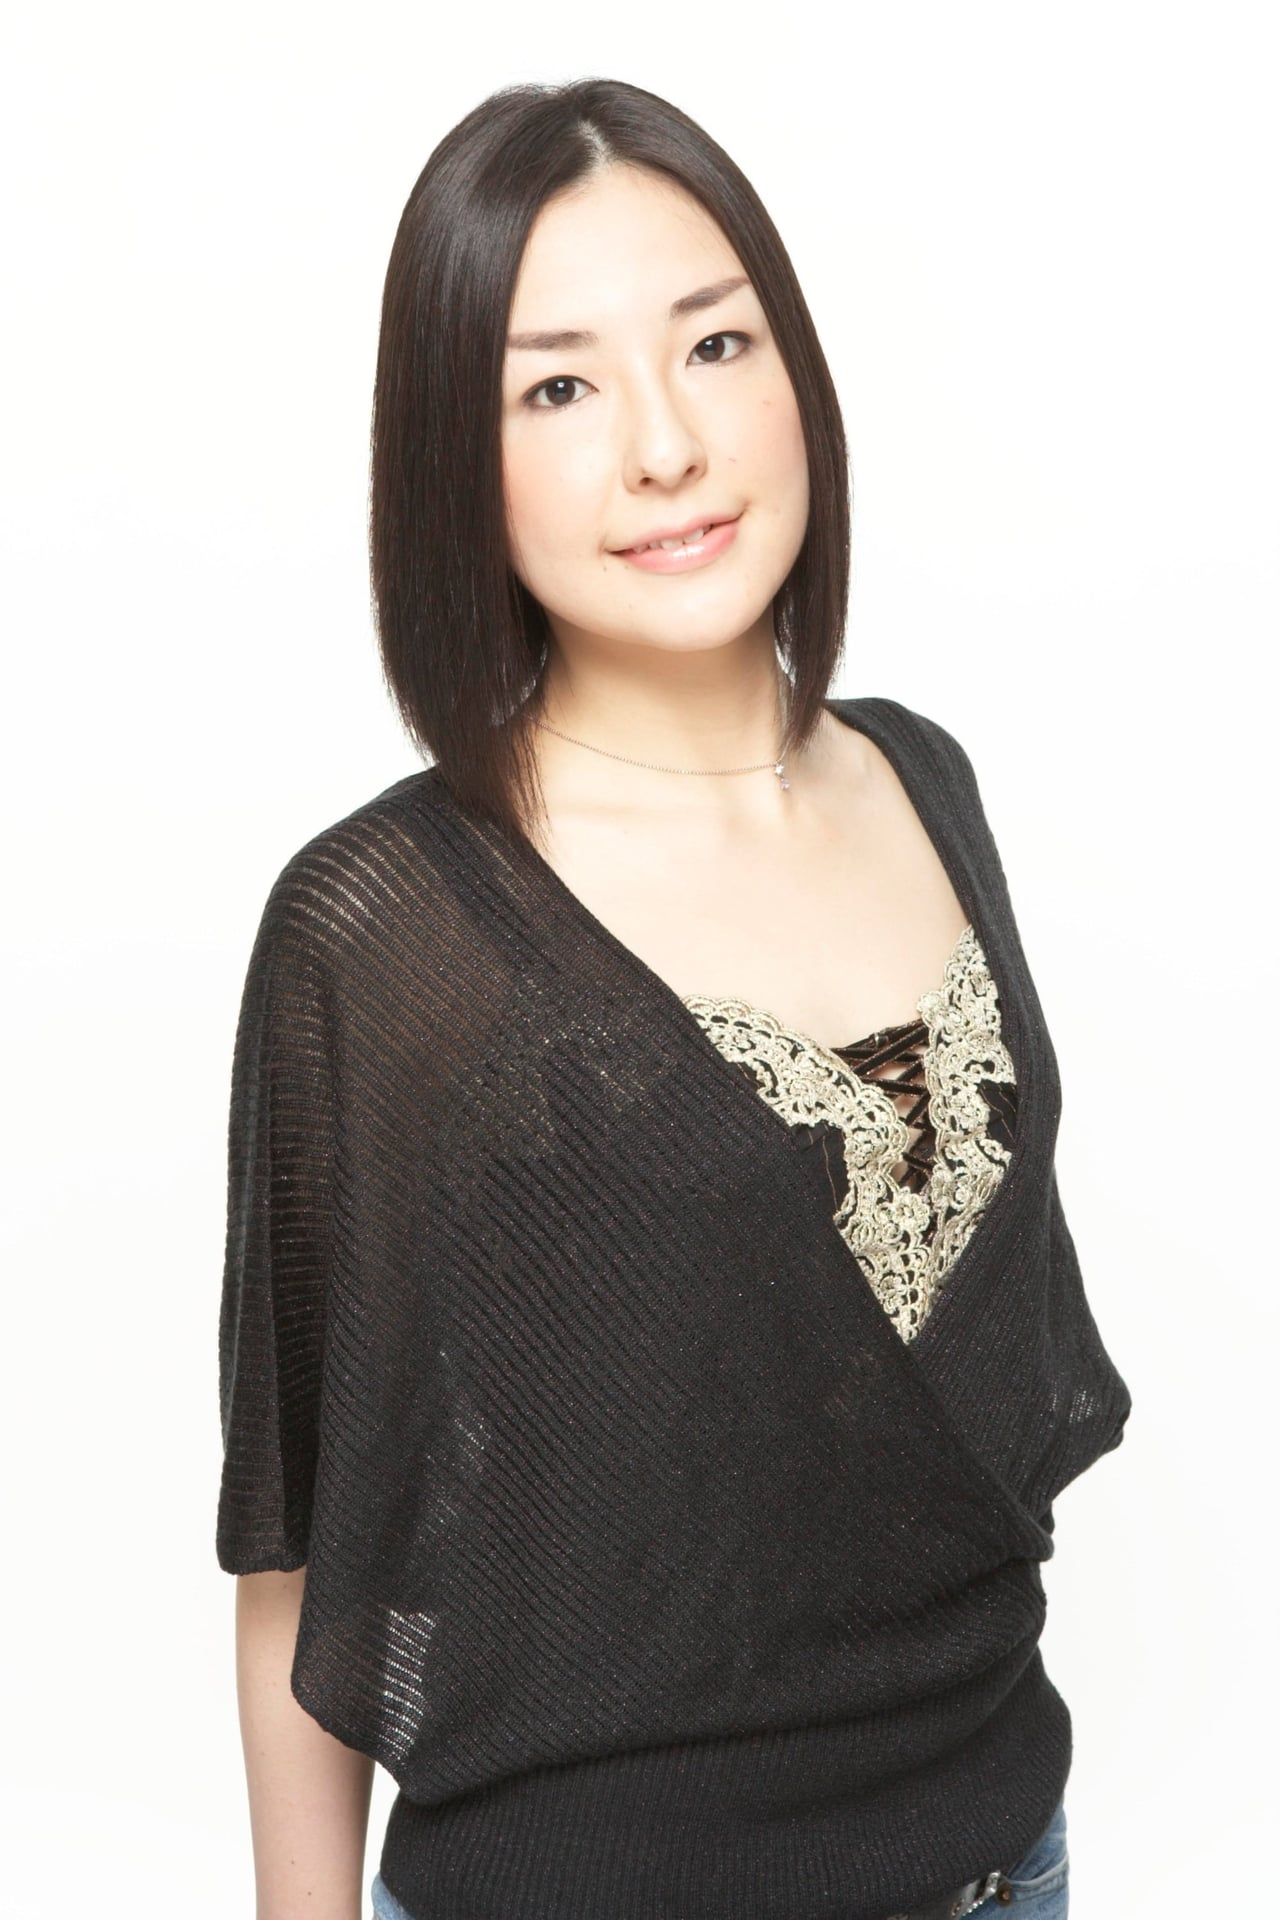 Risa Hayamizu